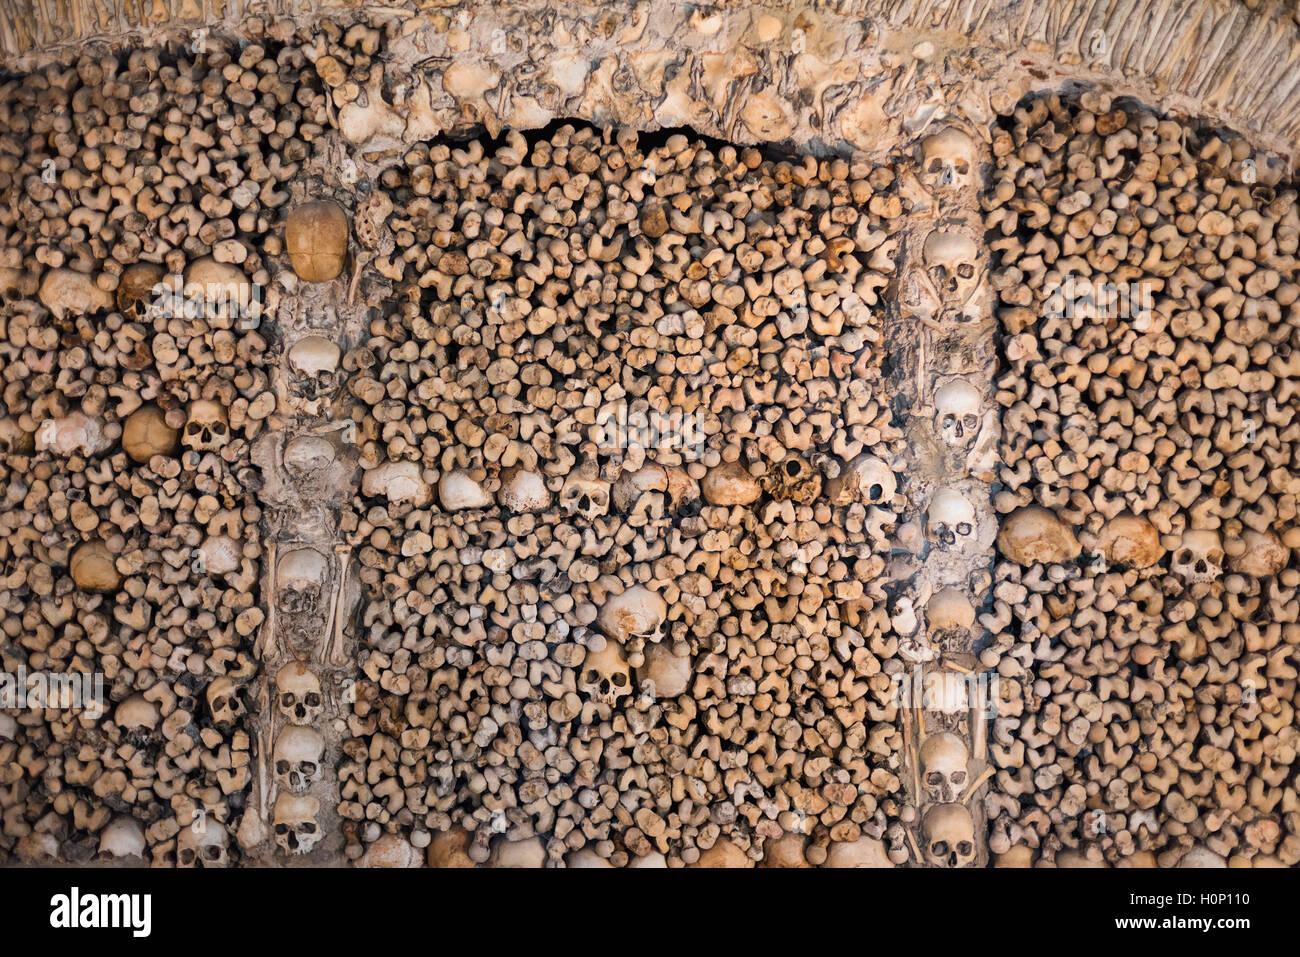 Capela dos Ossos. Bones Chapel. Igreja de São Francisco Evora Alentejo Portugal - Stock Image